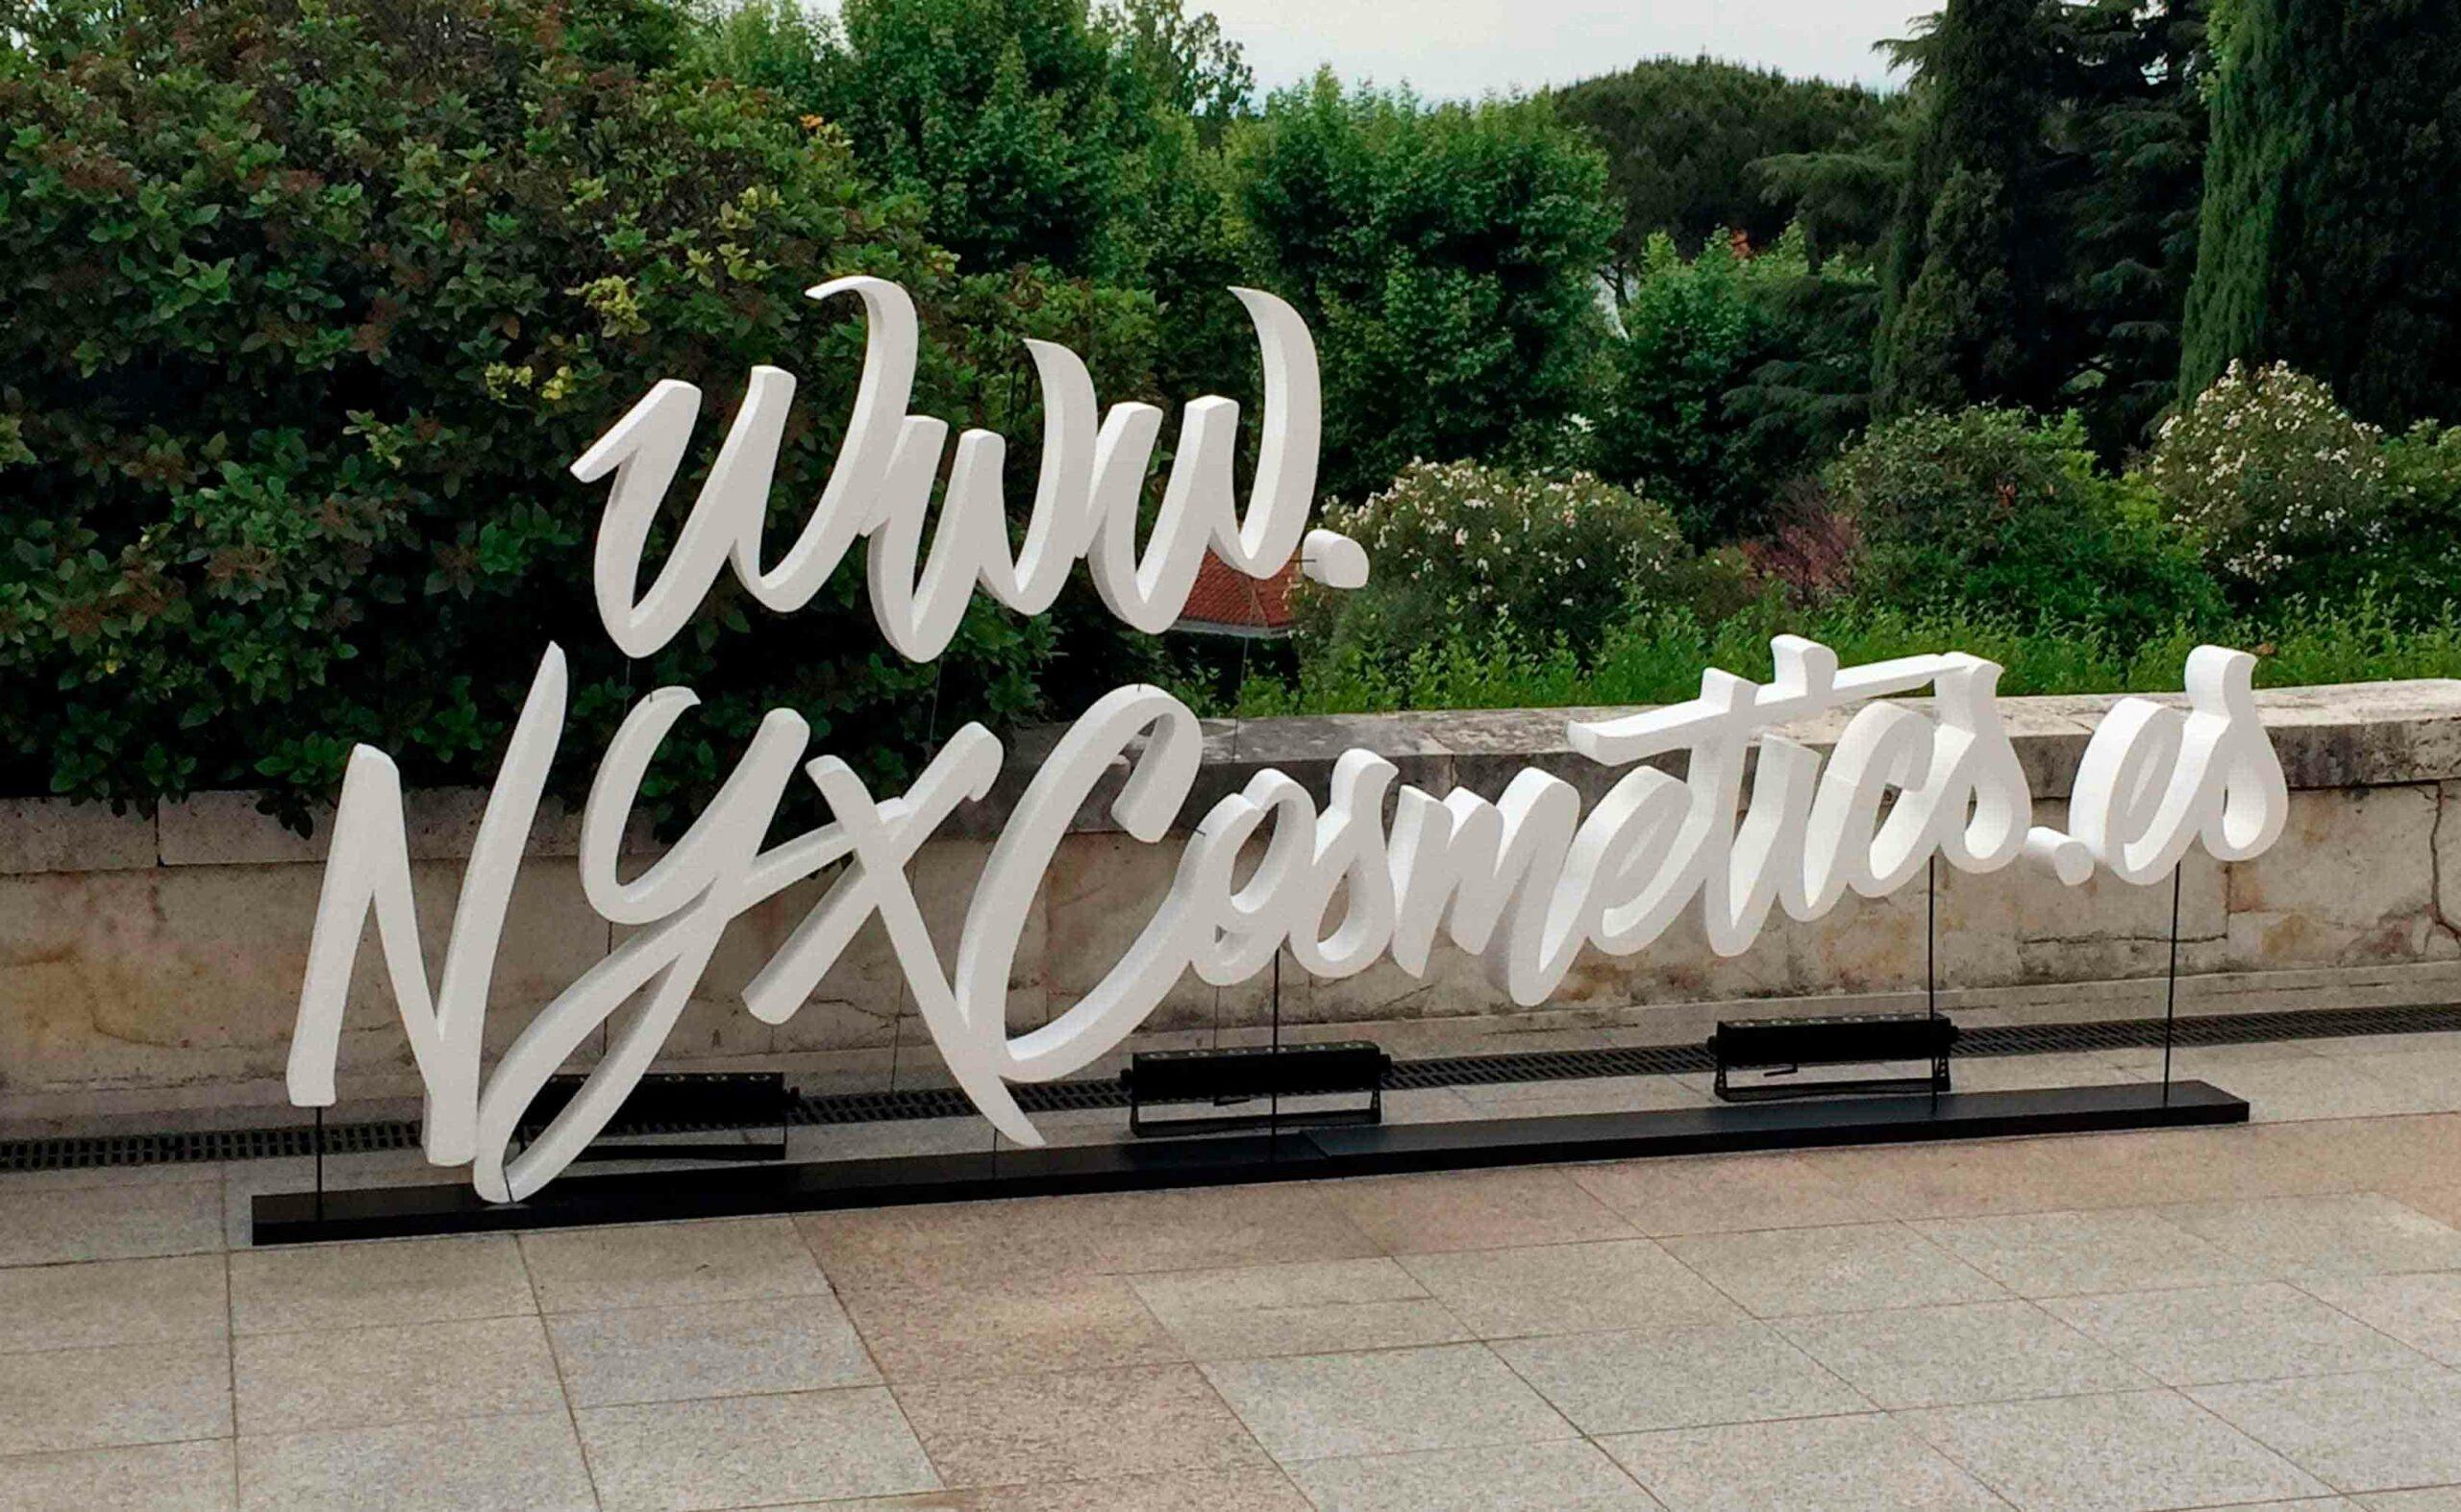 Decoración evento Nyx make up con letras corpóreas iluminadas